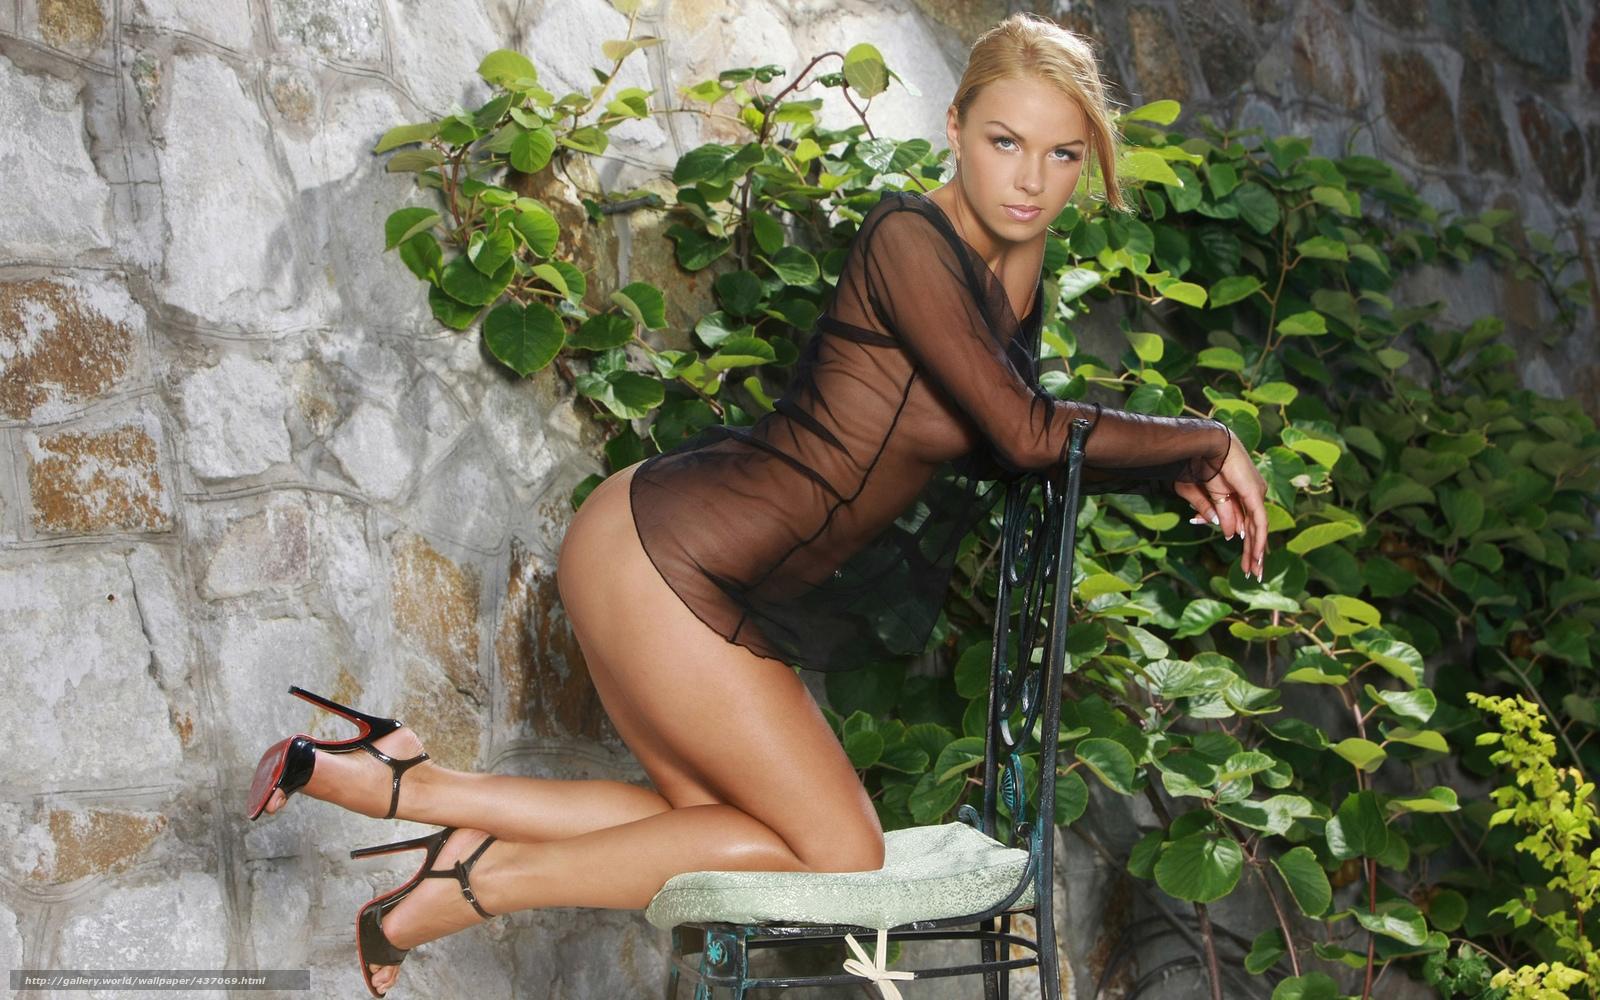 Секси женщина на стуле фото смотреть 6 фотография